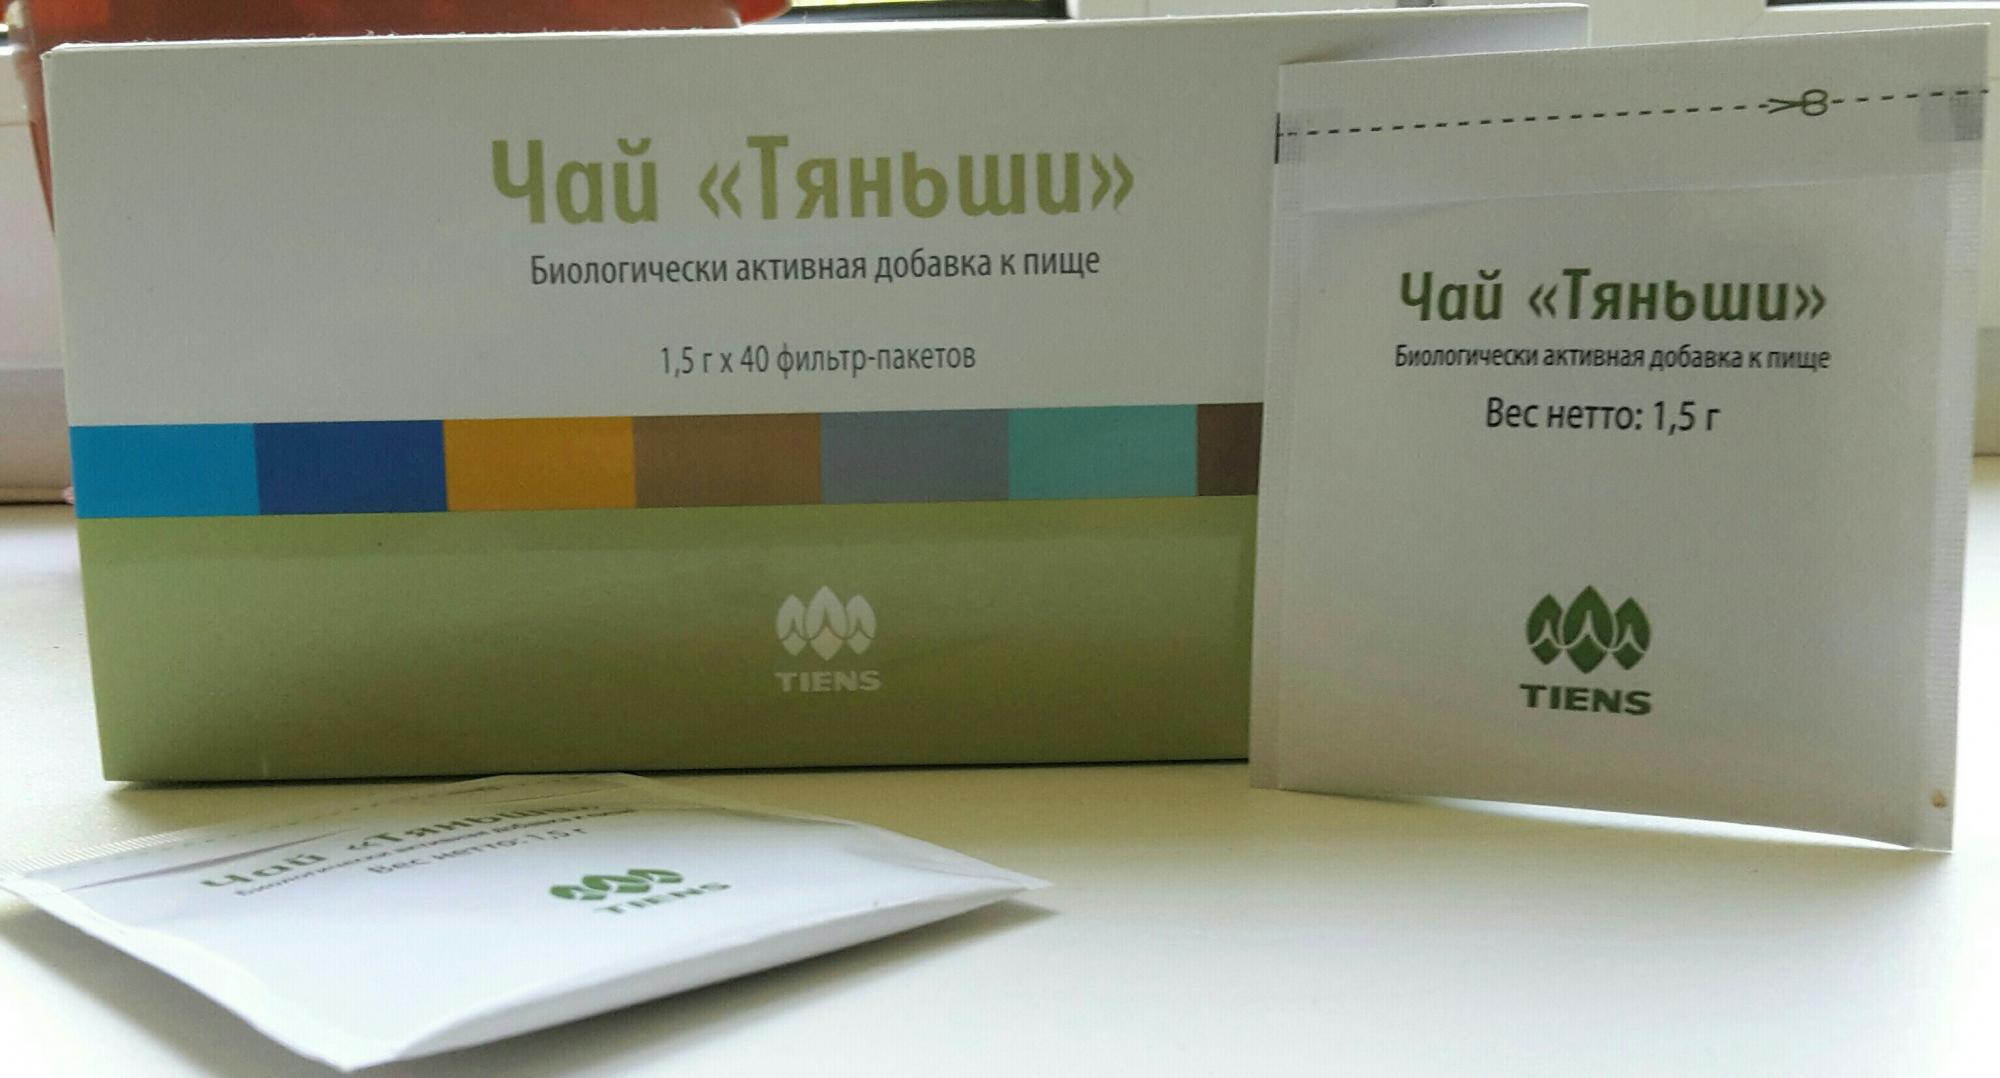 Чай Тяньши Похудения. Польза и вред чая Тяньши в качестве биологически активной добавки к пище